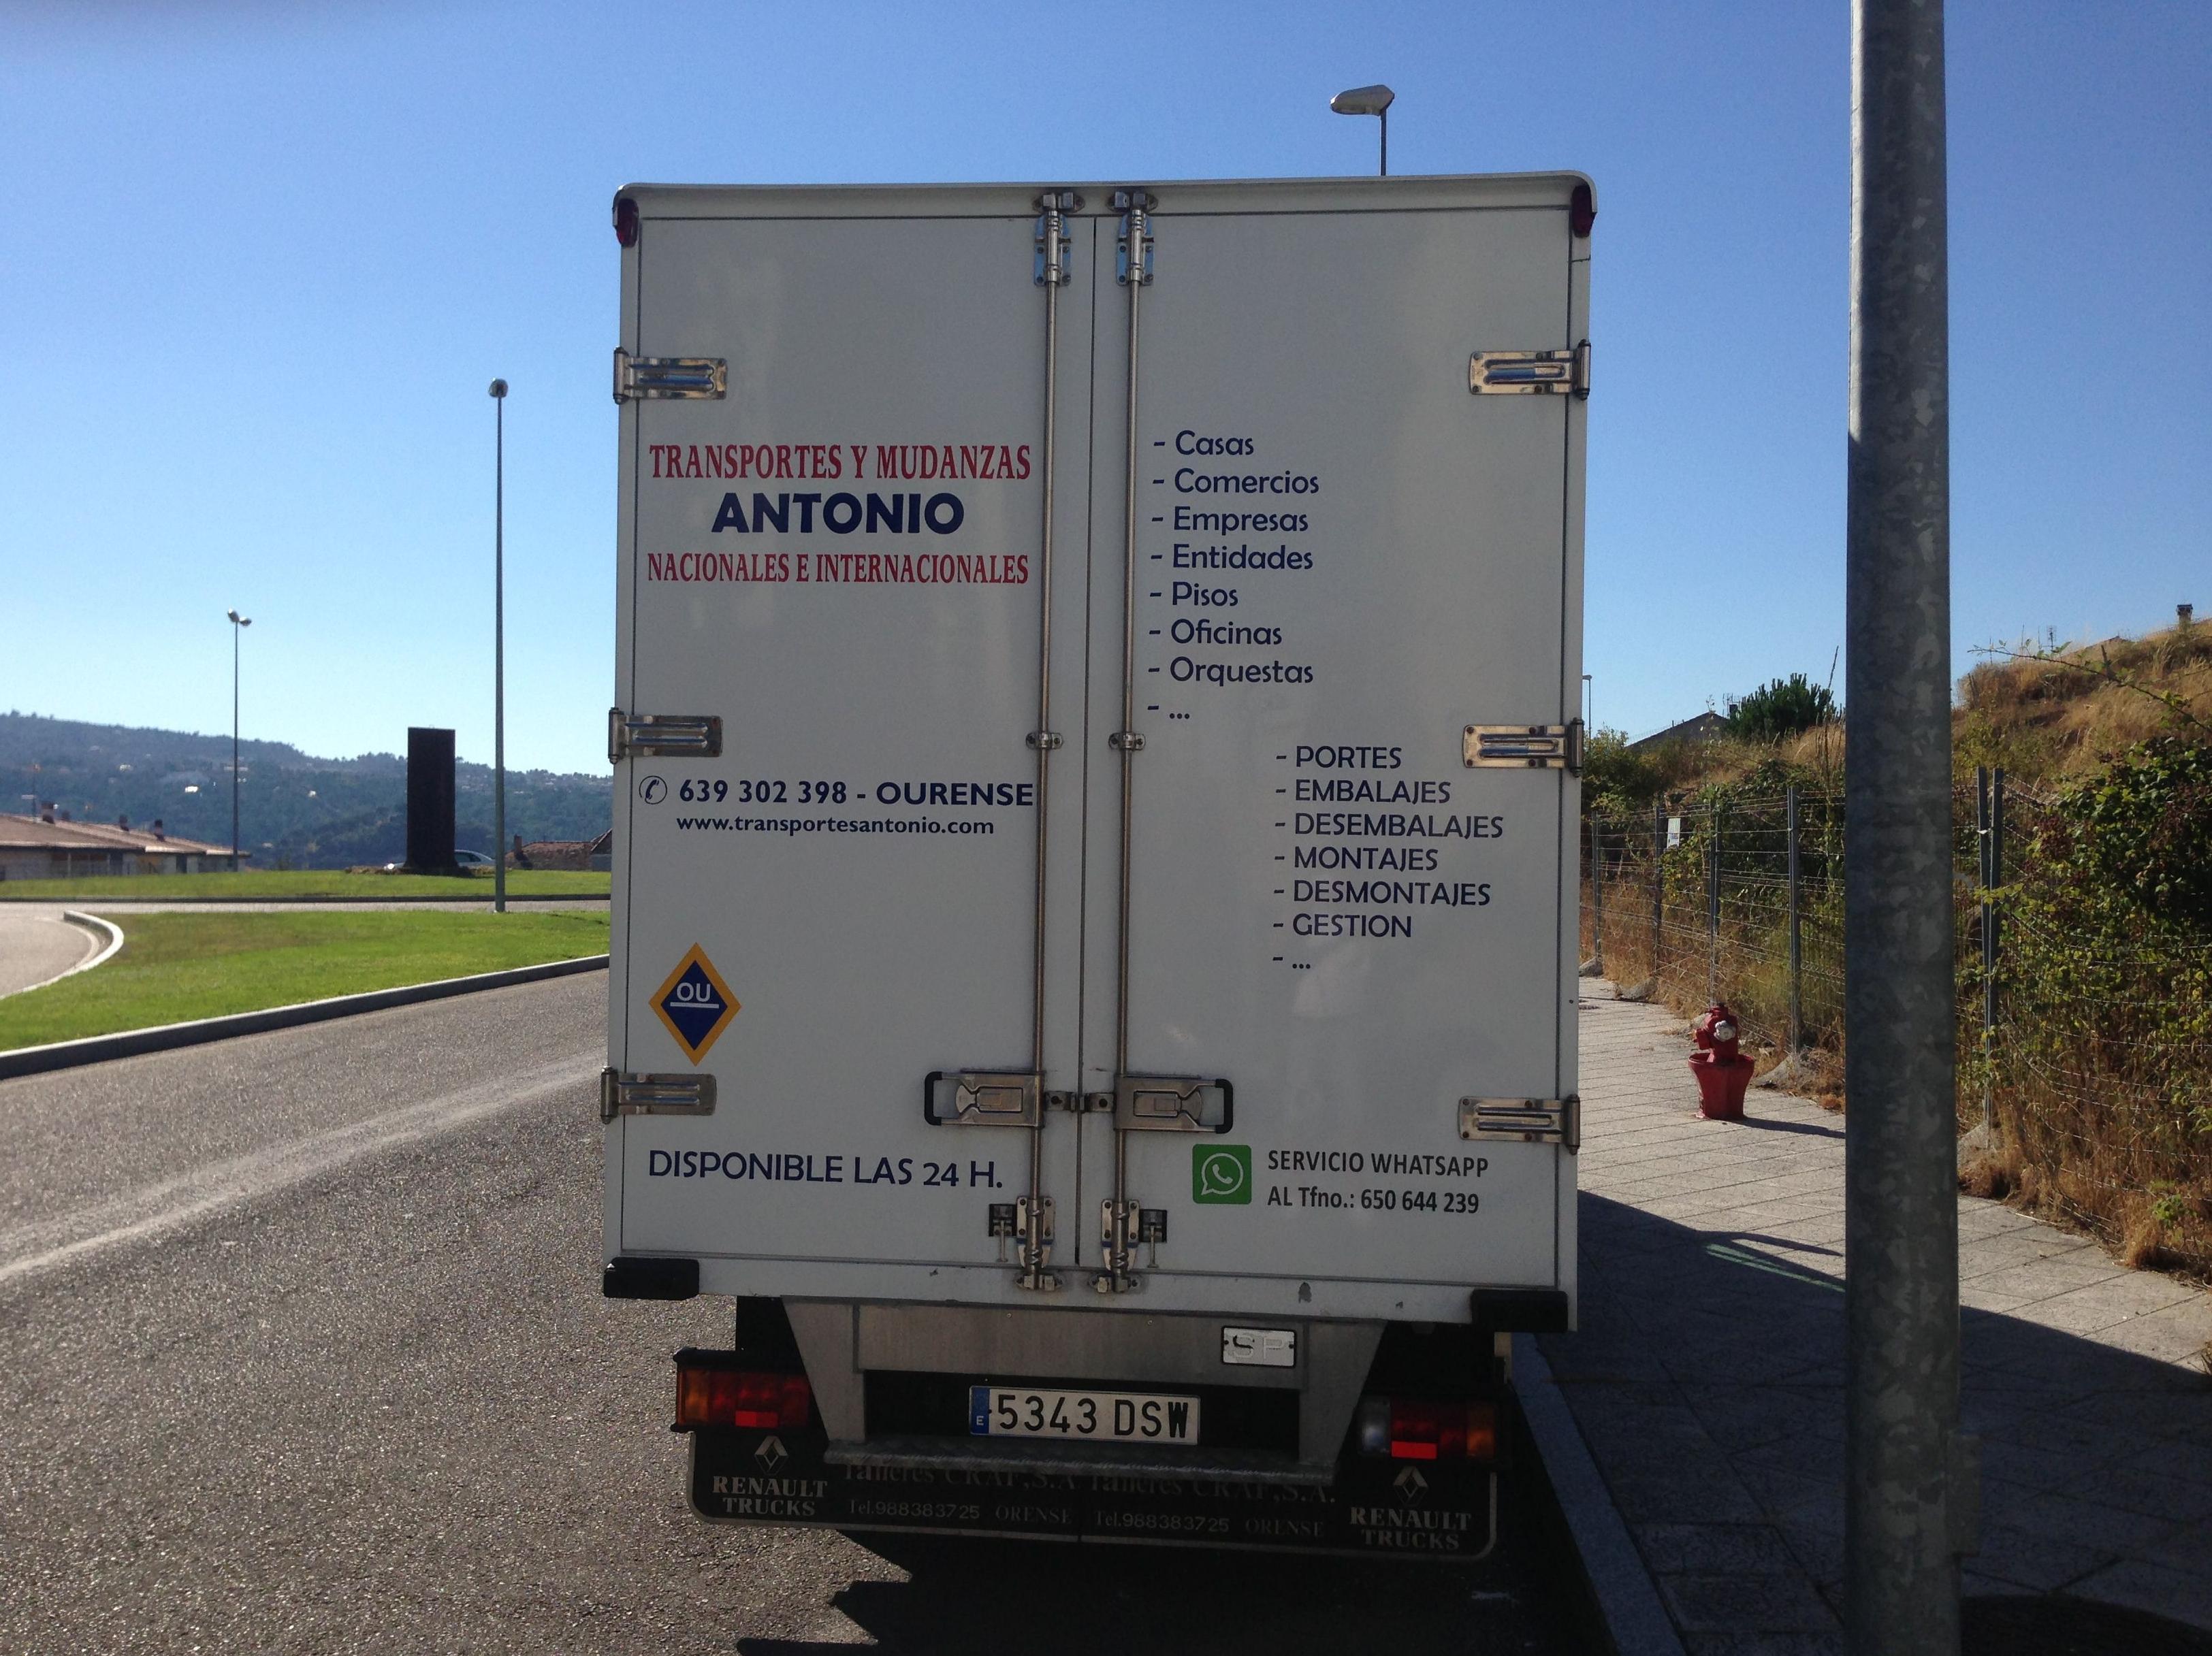 Foto 16 de Mudanzas y guardamuebles en Ourense | Transportes y Mudanzas Antonio